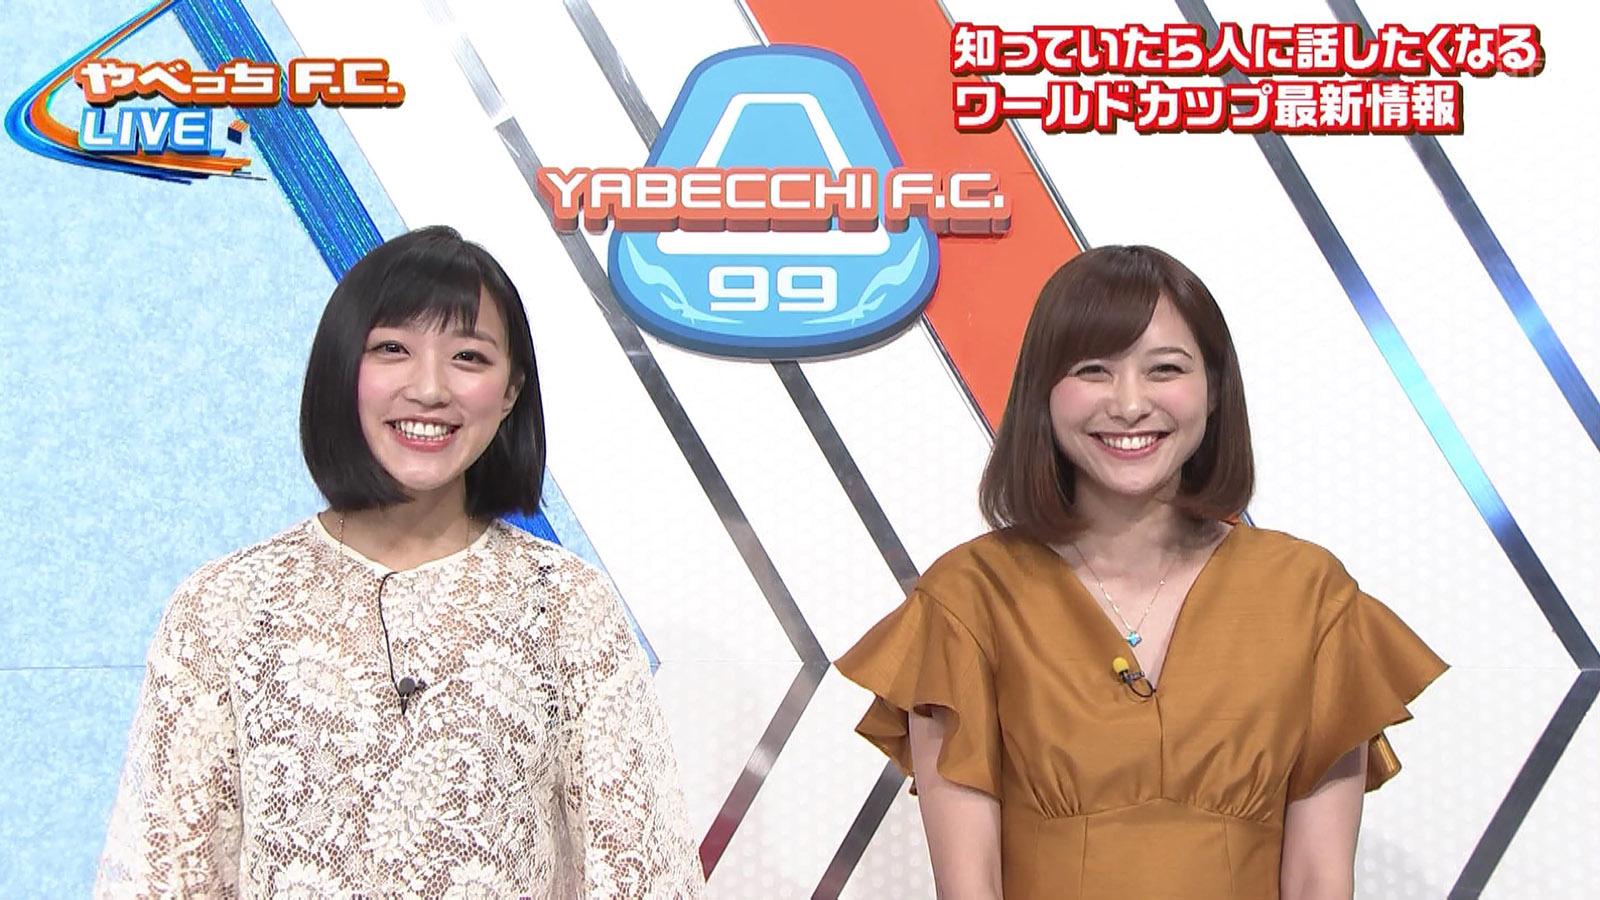 竹内由恵アナと久冨慶子アナ やべっちF.C. スーパーJチャンネル